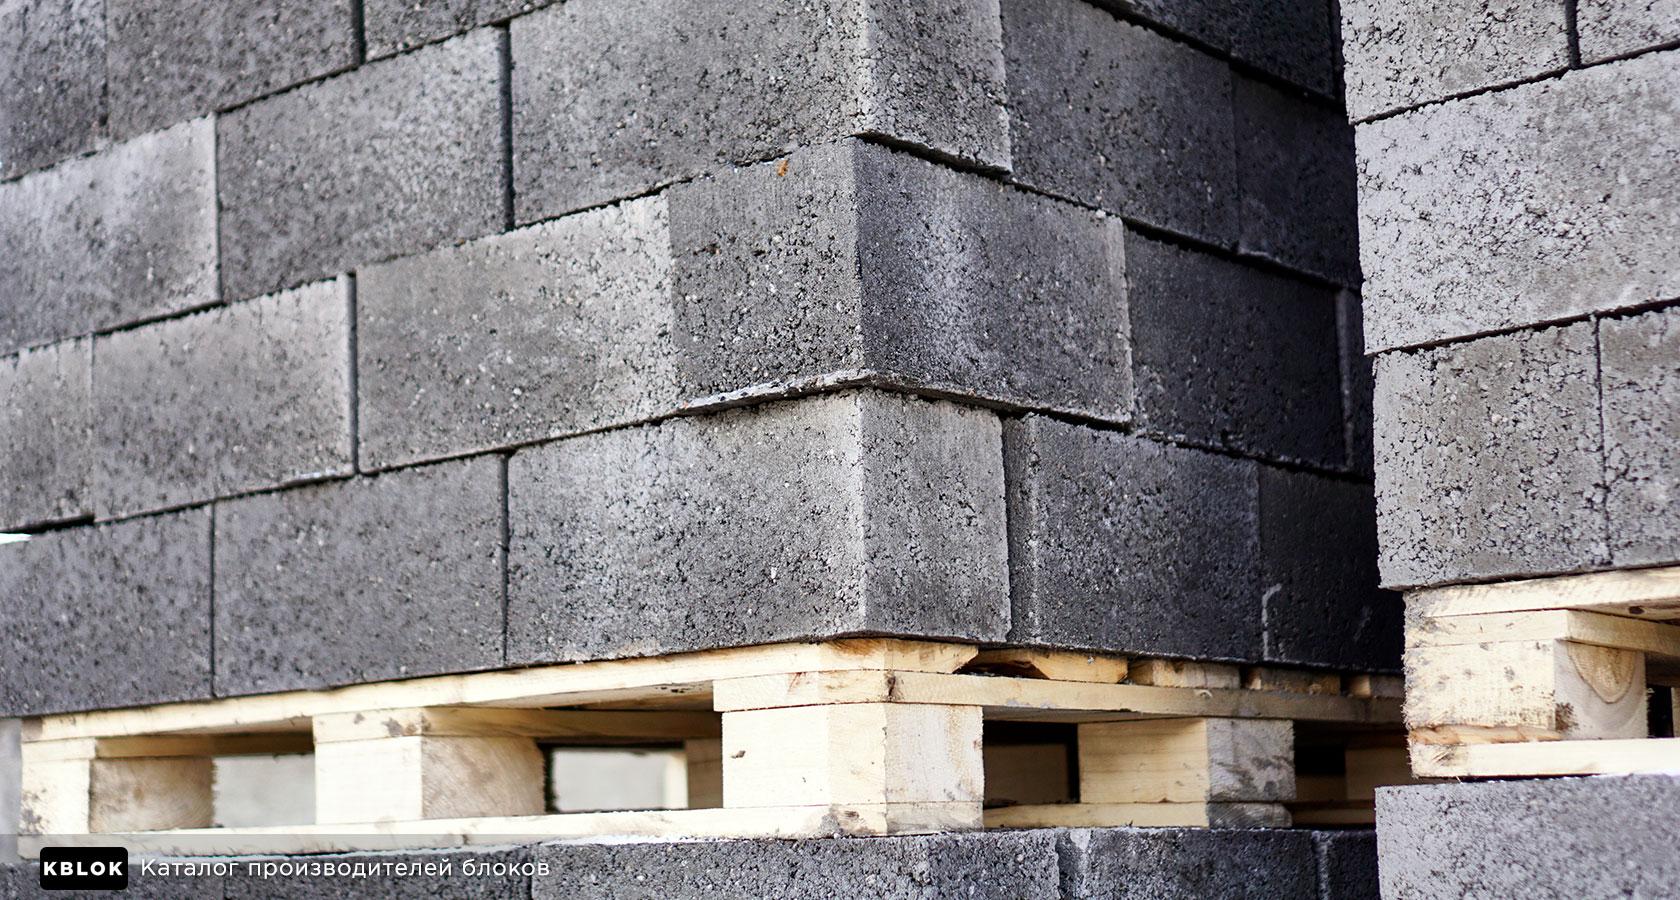 нижний ряд керамзитных блоков